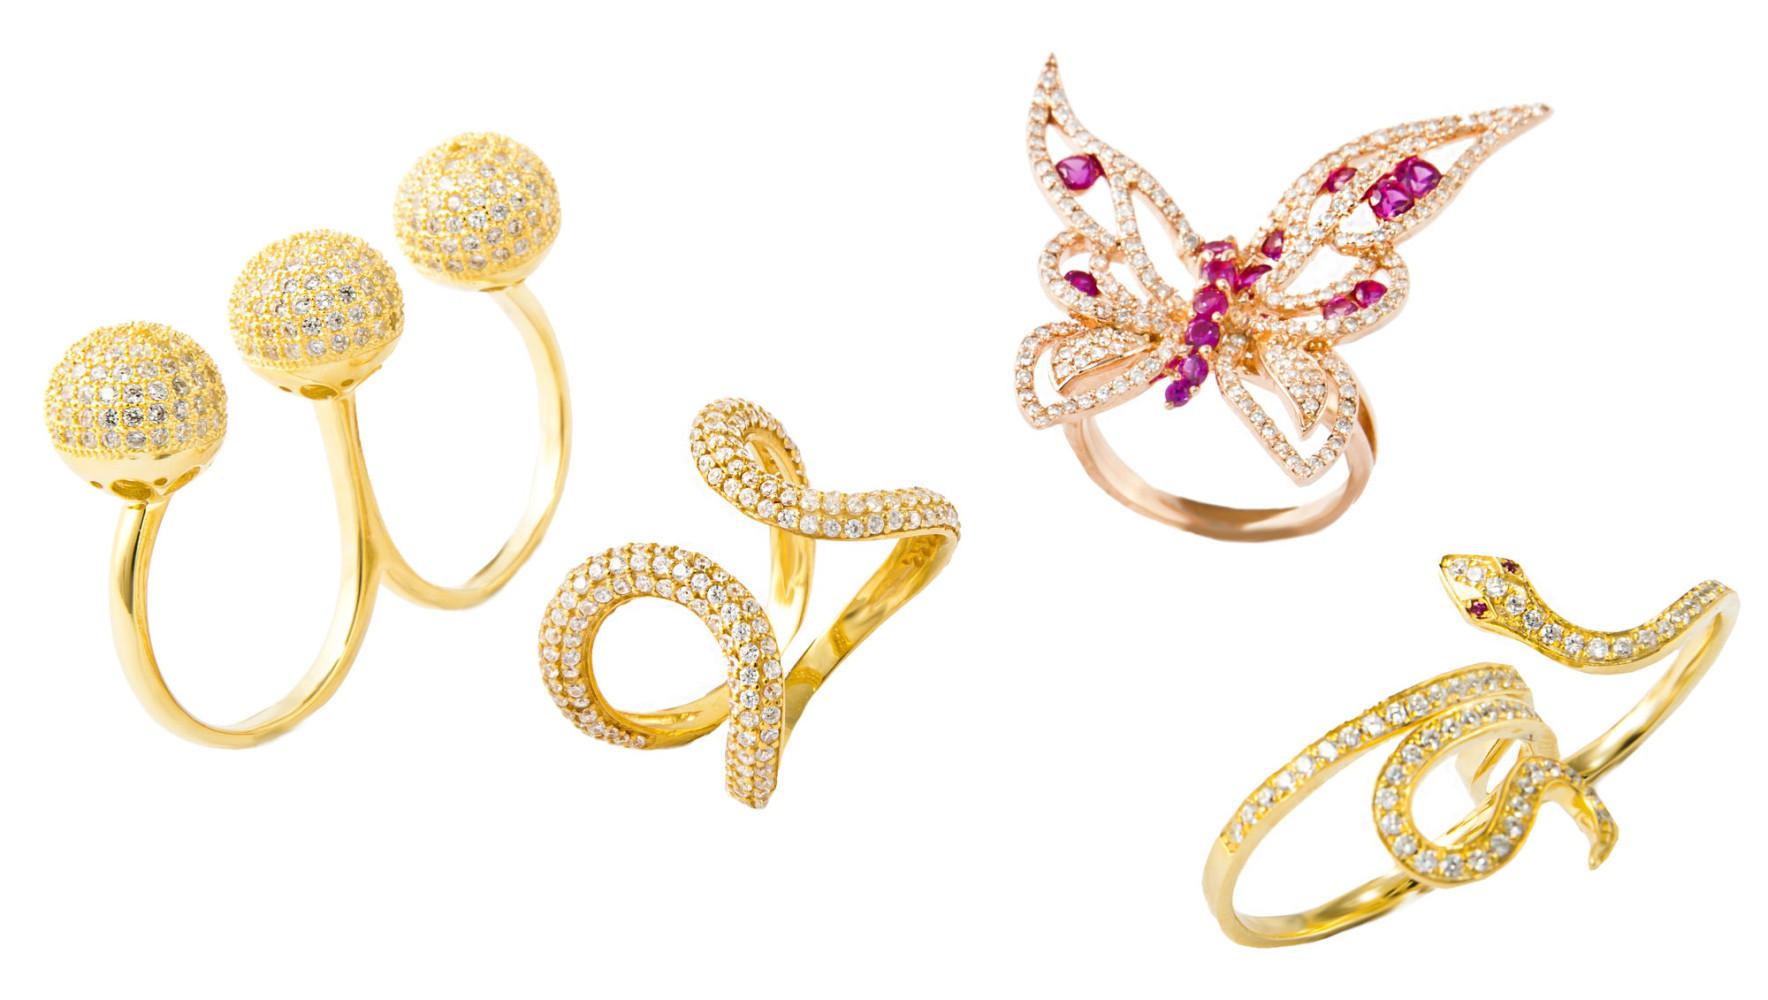 zestaw złotej biżuterii